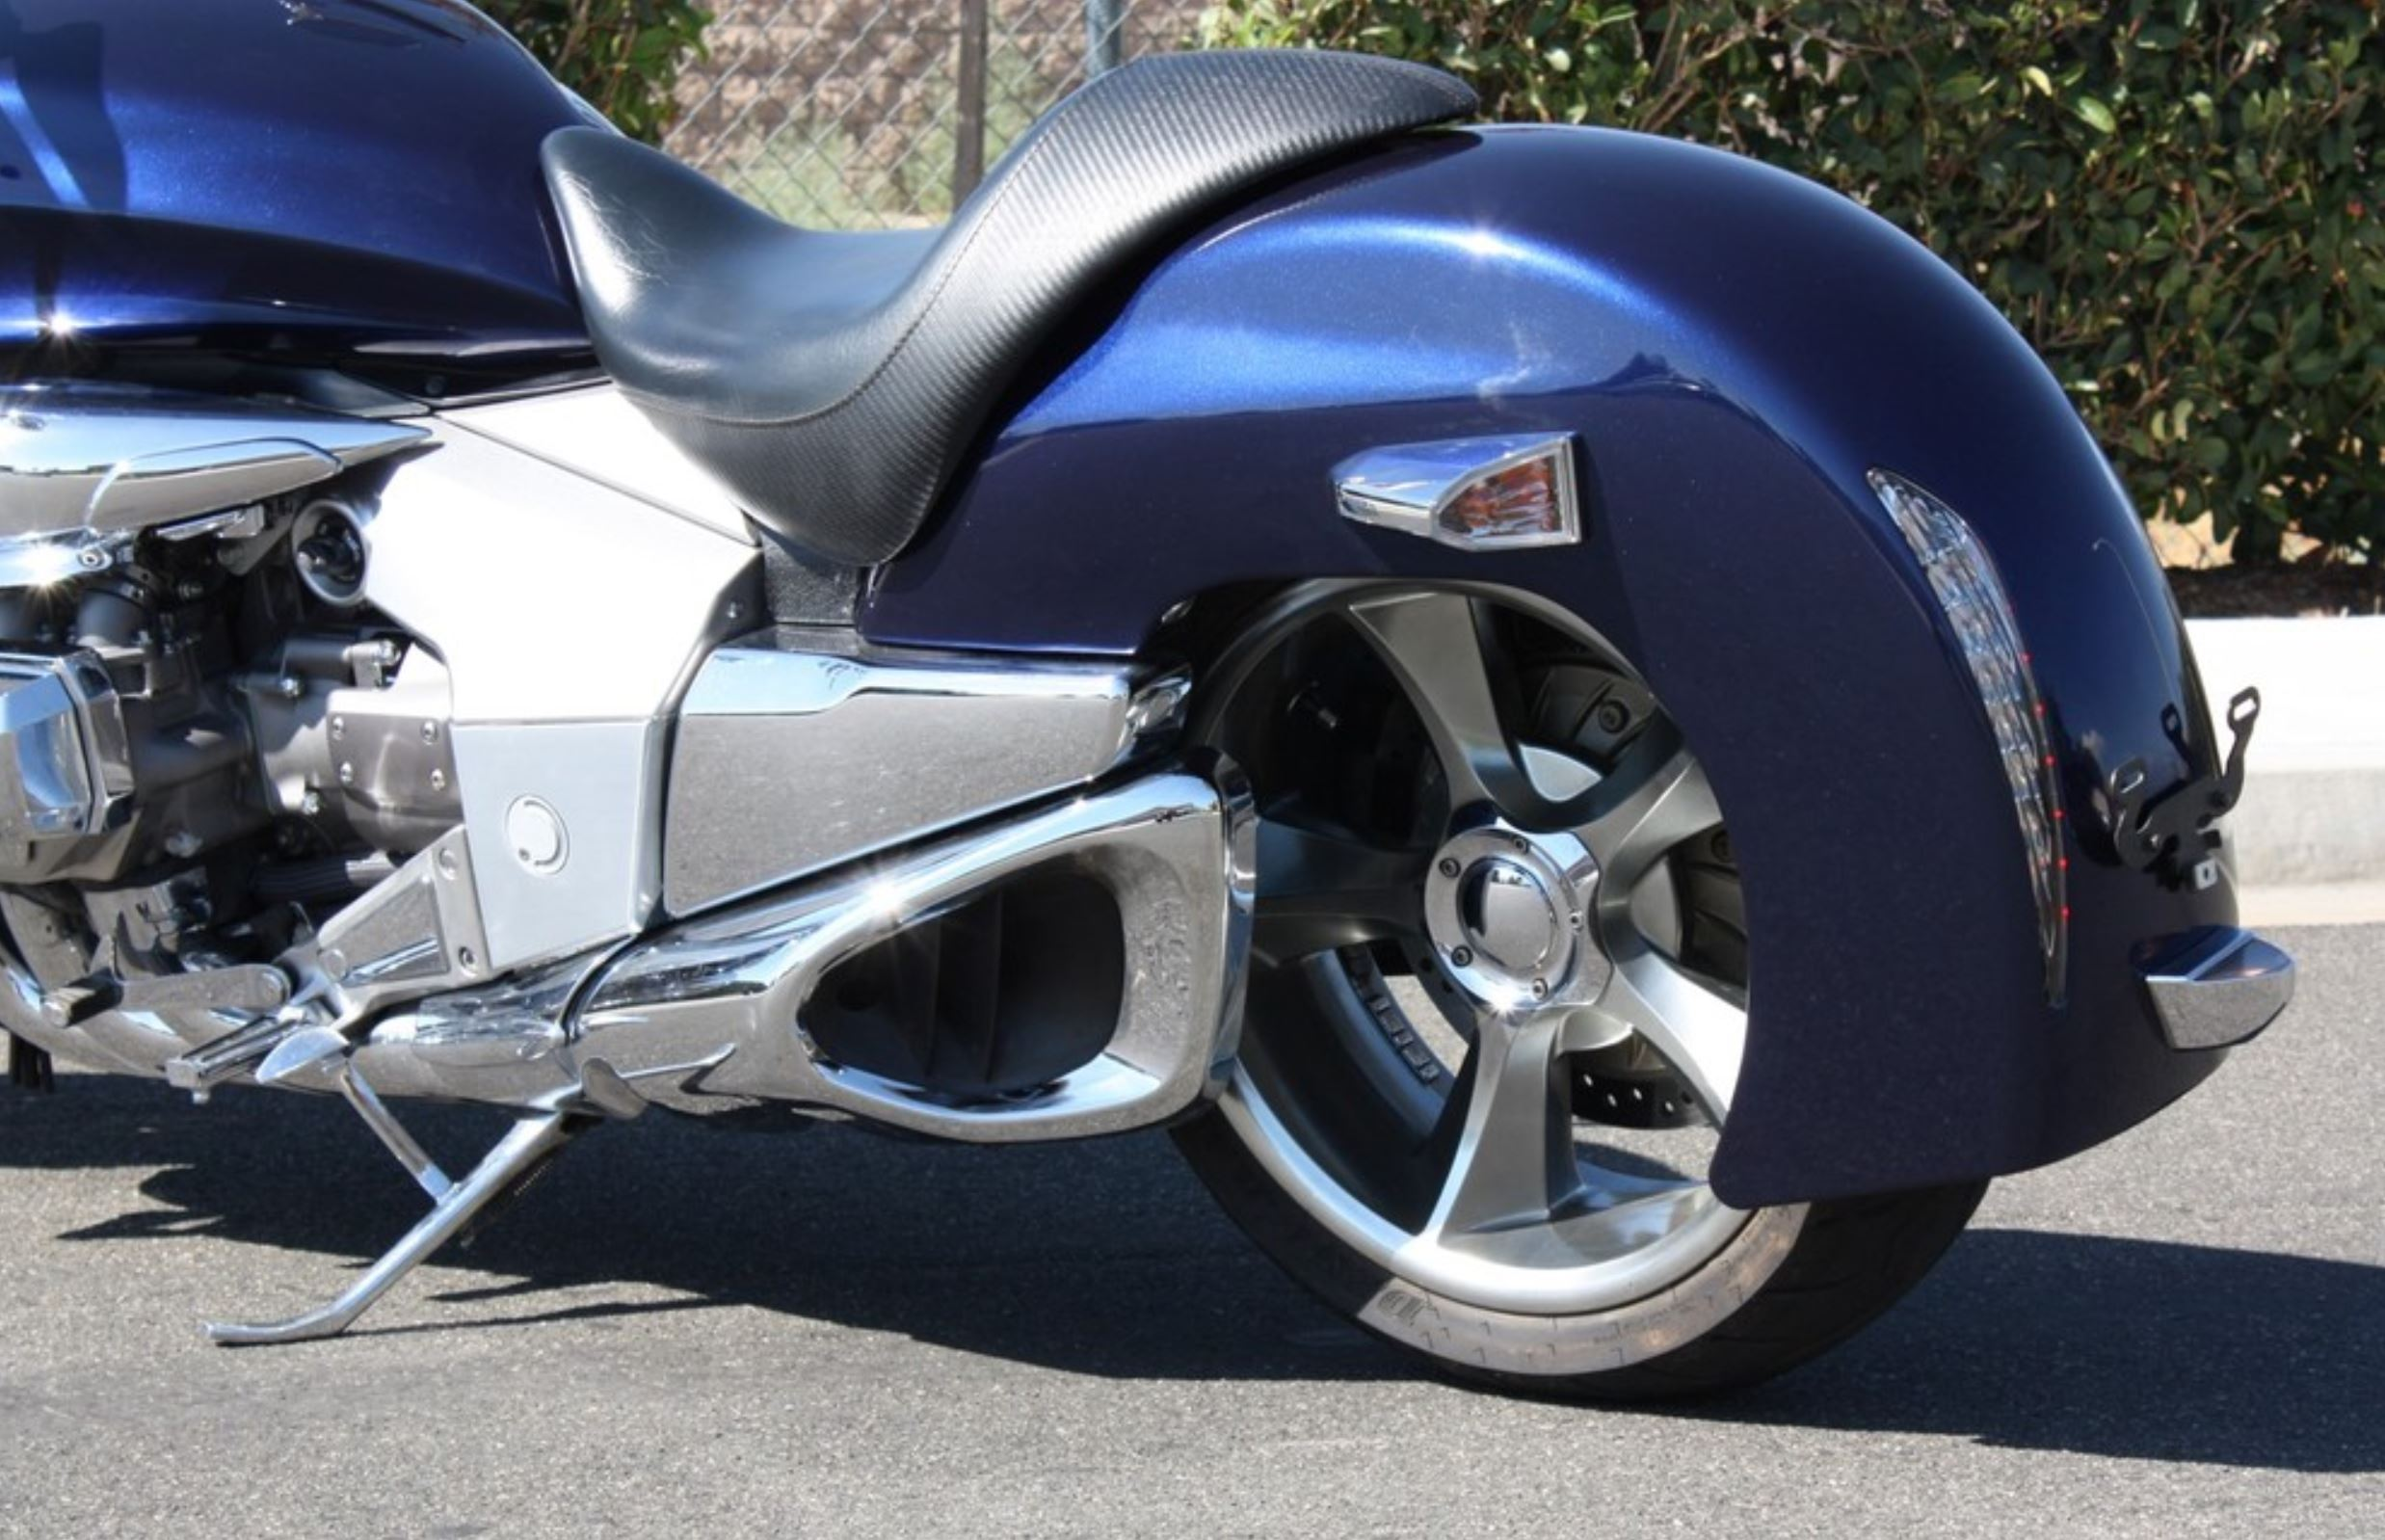 Honda Of Marysville >> No Reserve – 2004 Honda Rune   Bike-urious